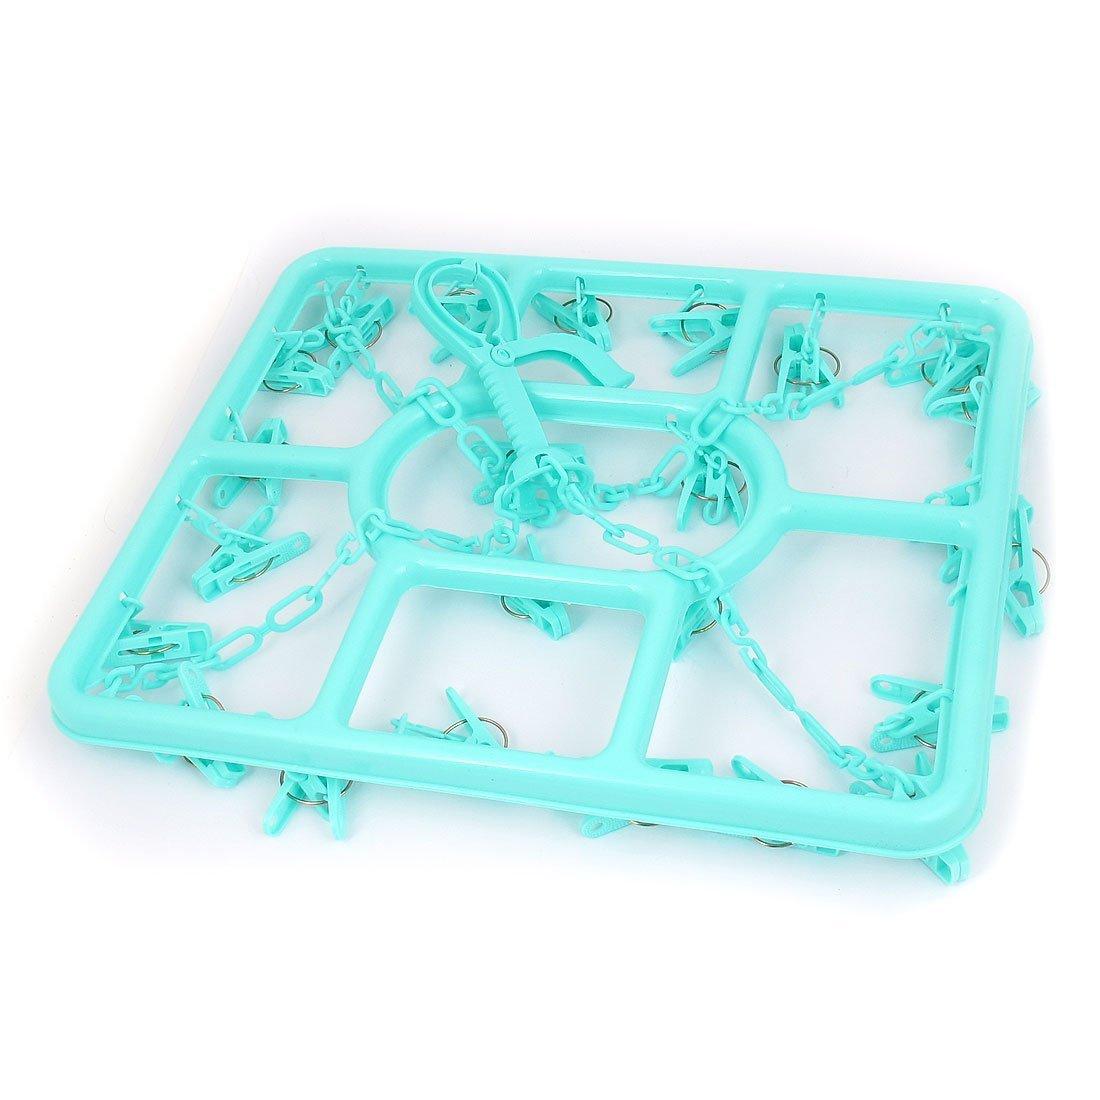 Amazon.com: eDealMax Estructura de plástico DE 24 clavijas de ropa Calcetines secado Rack suspensión de Los Clips Verdes: Home & Kitchen